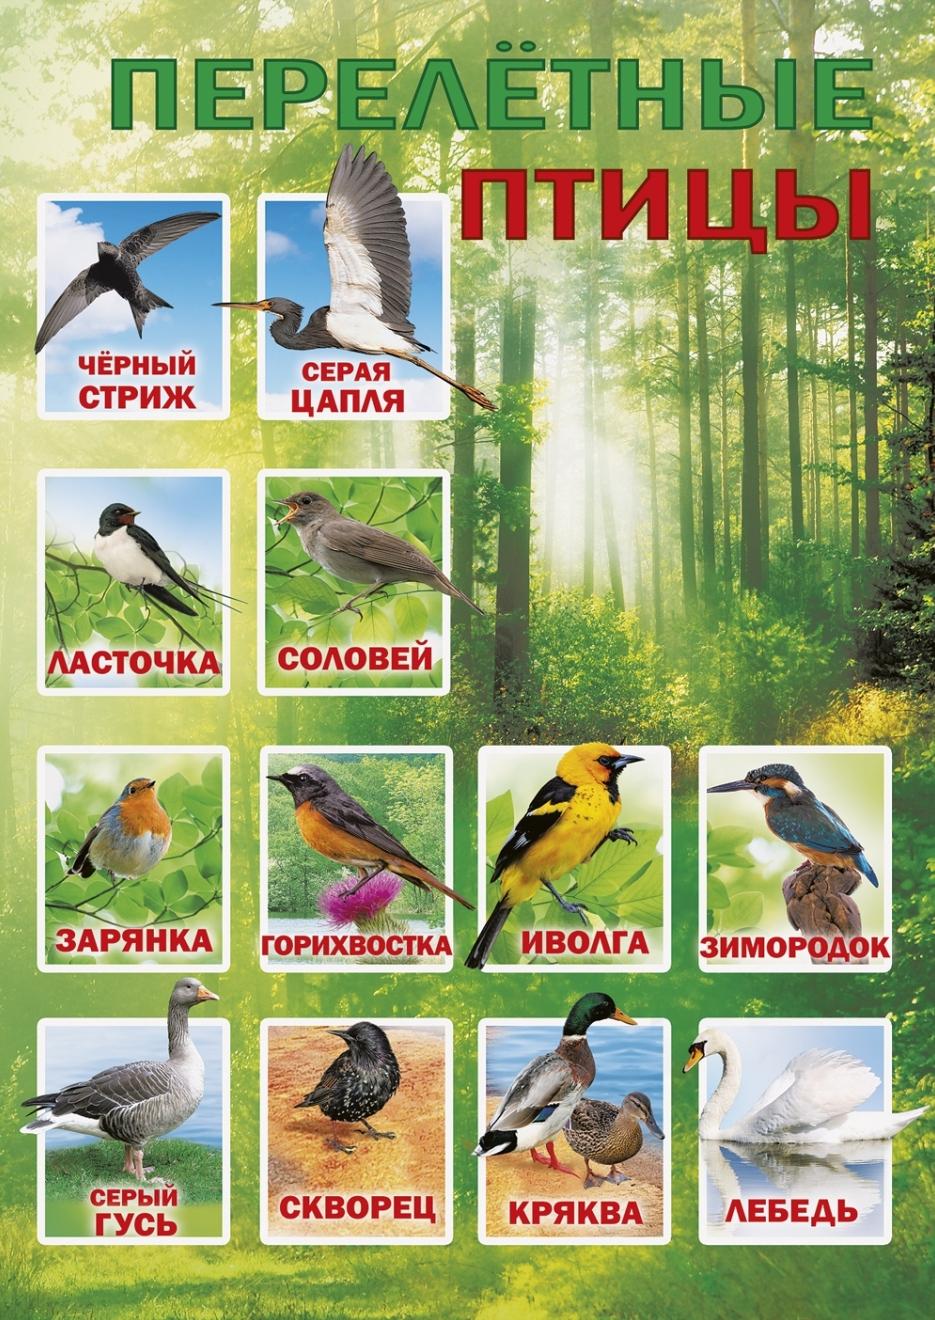 подробно название перелетных птиц фото основным техническим особенностям